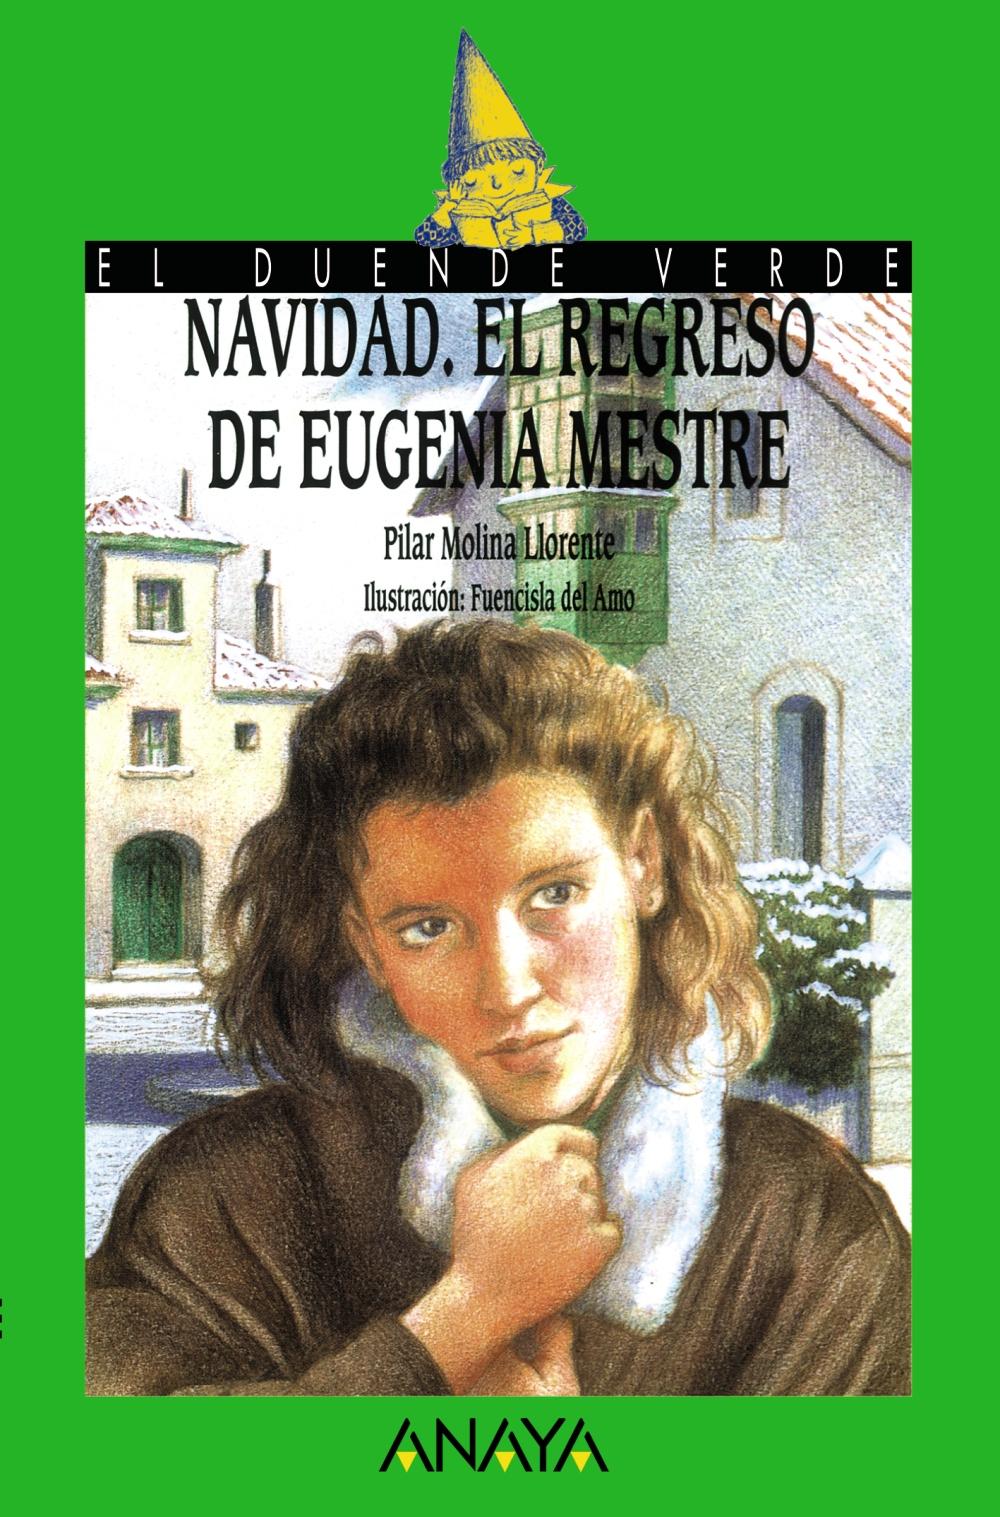 navidad, el regreso de eugenia mestre-pilar molina llorente-9788420762814